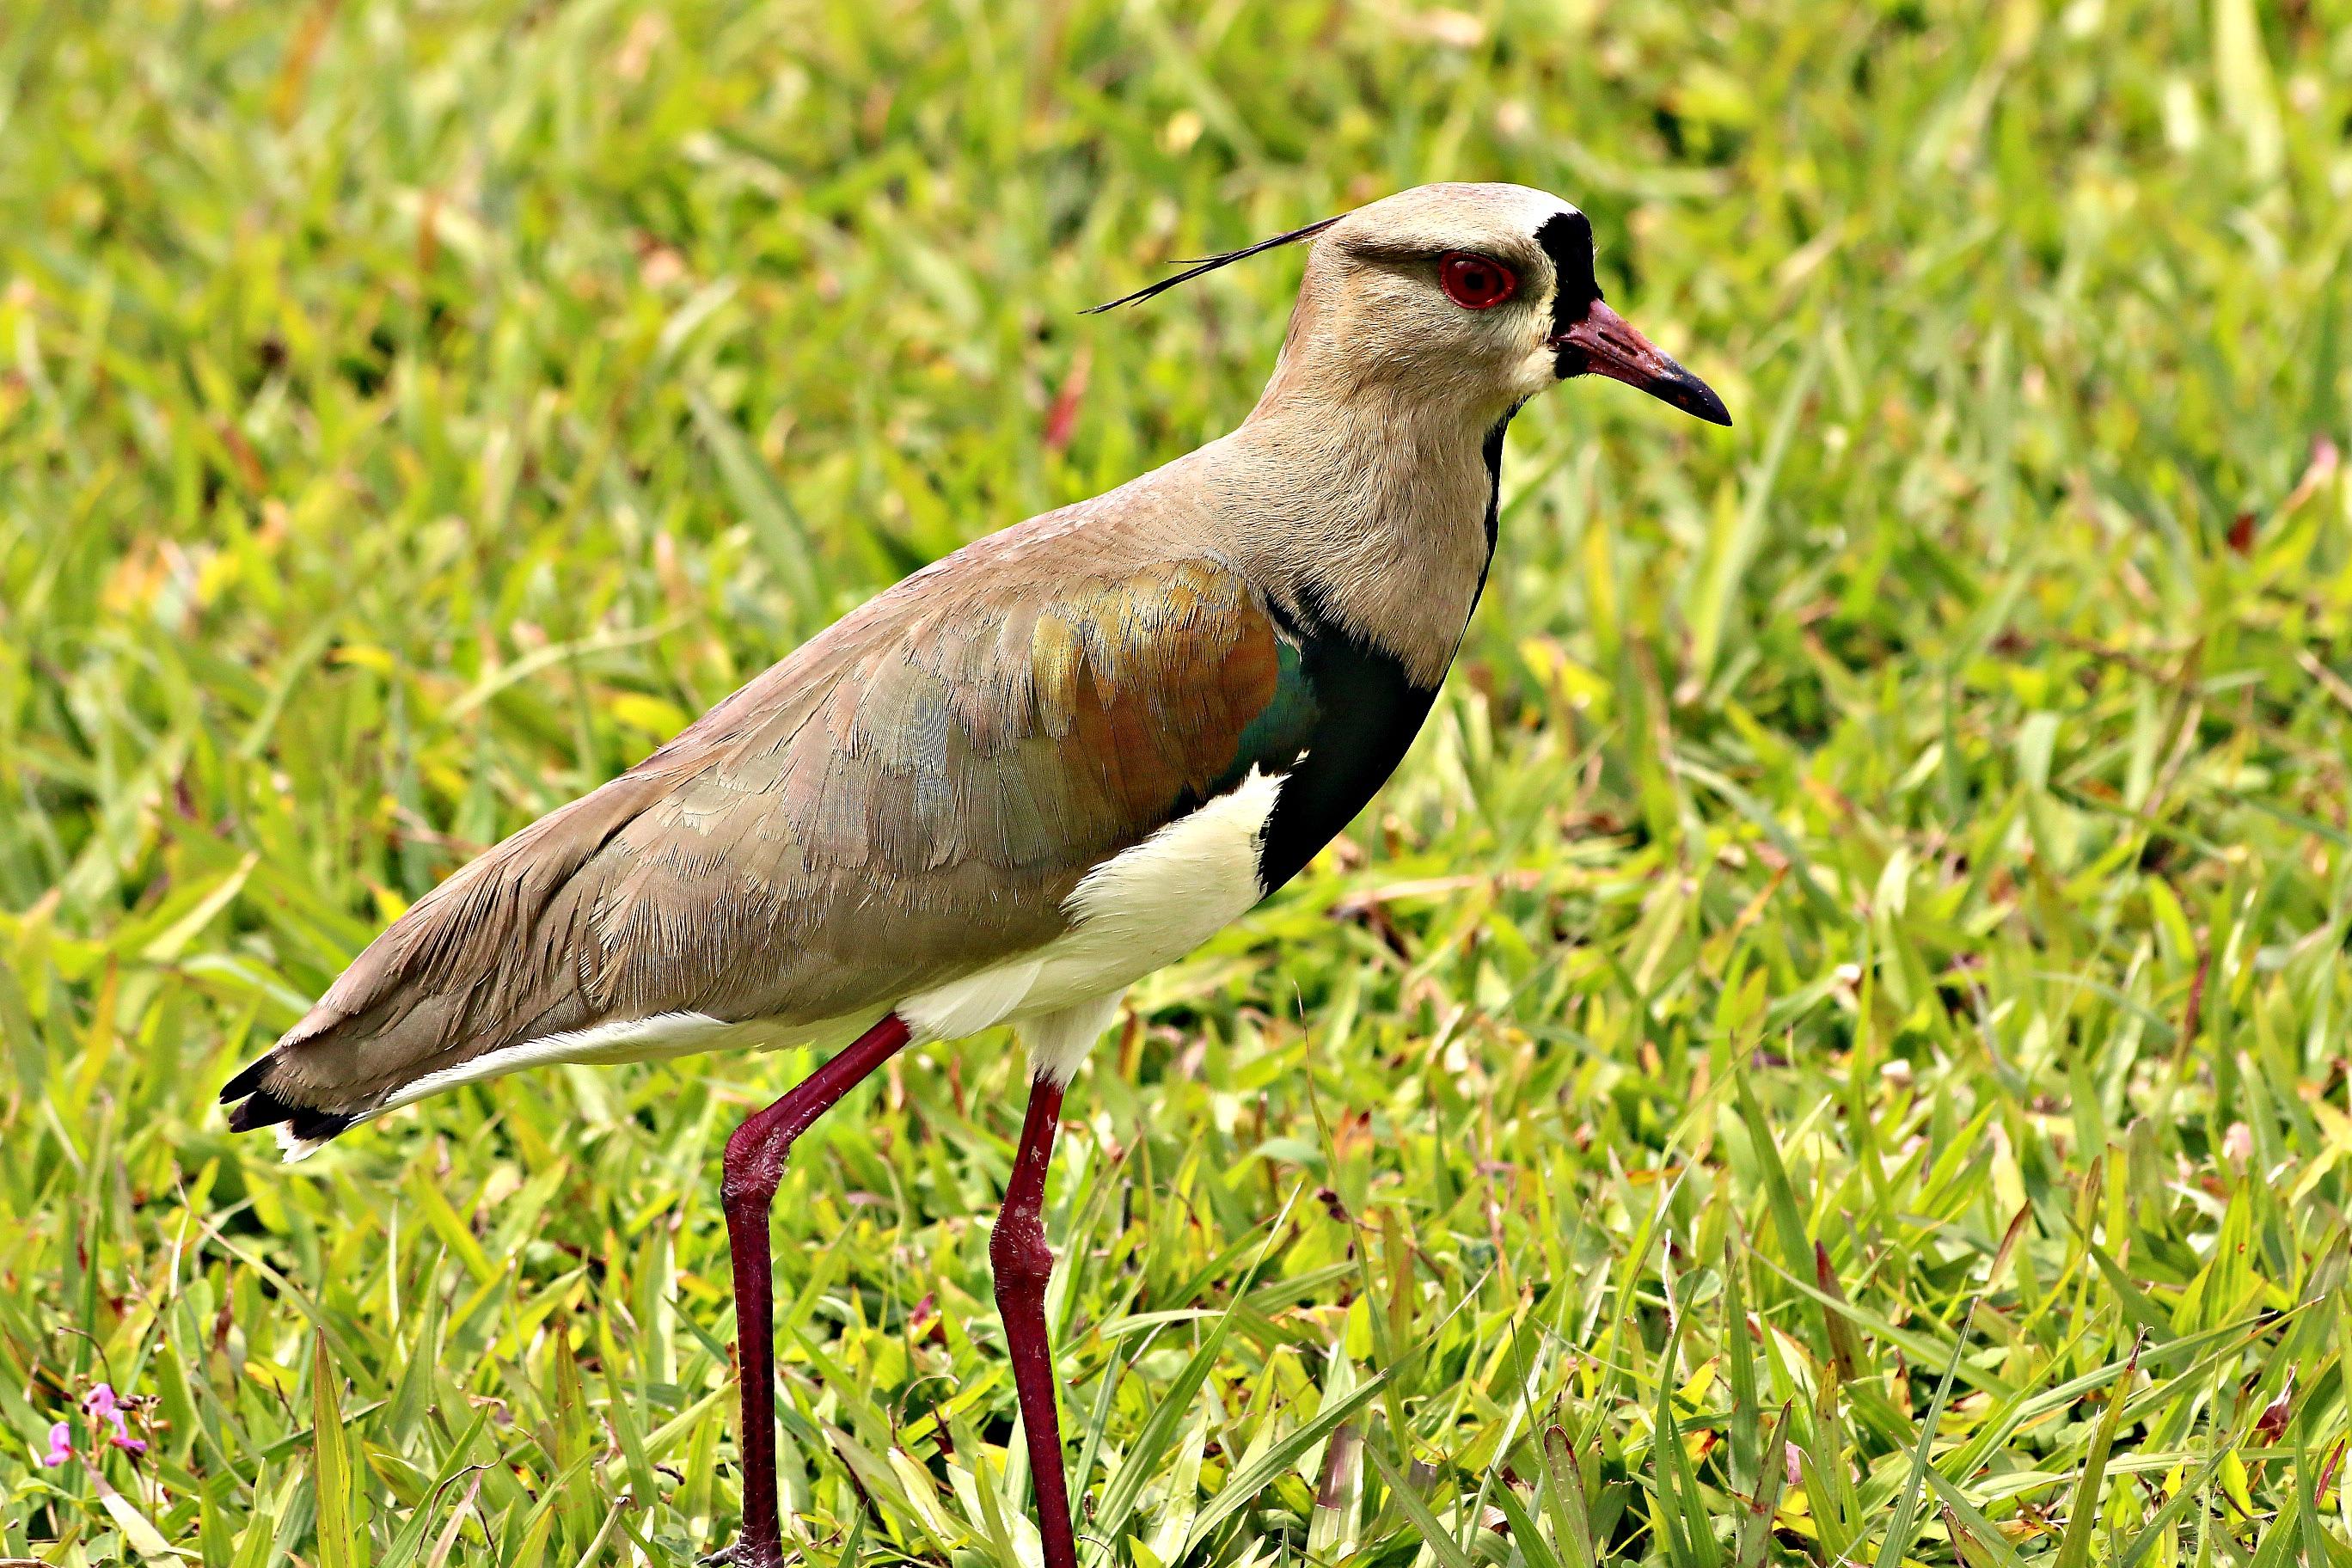 argentina mighty iguaz u00fa falls onetimefashionista got birds in the condo got birds in my ear